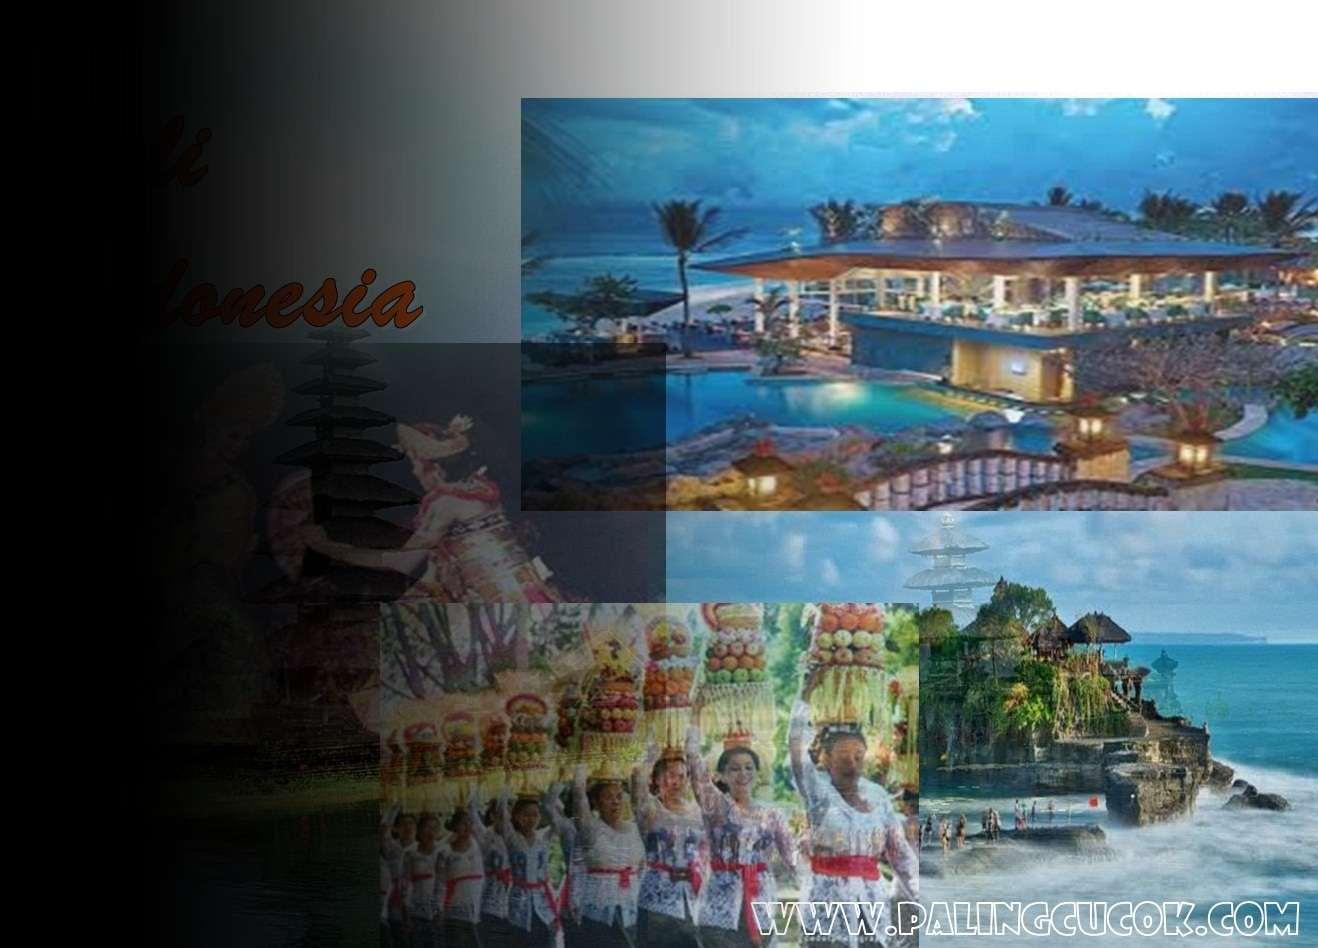 Daftar tempat-tempat wisata terkenal di Bali dan paling cucok untuk dikunjungi